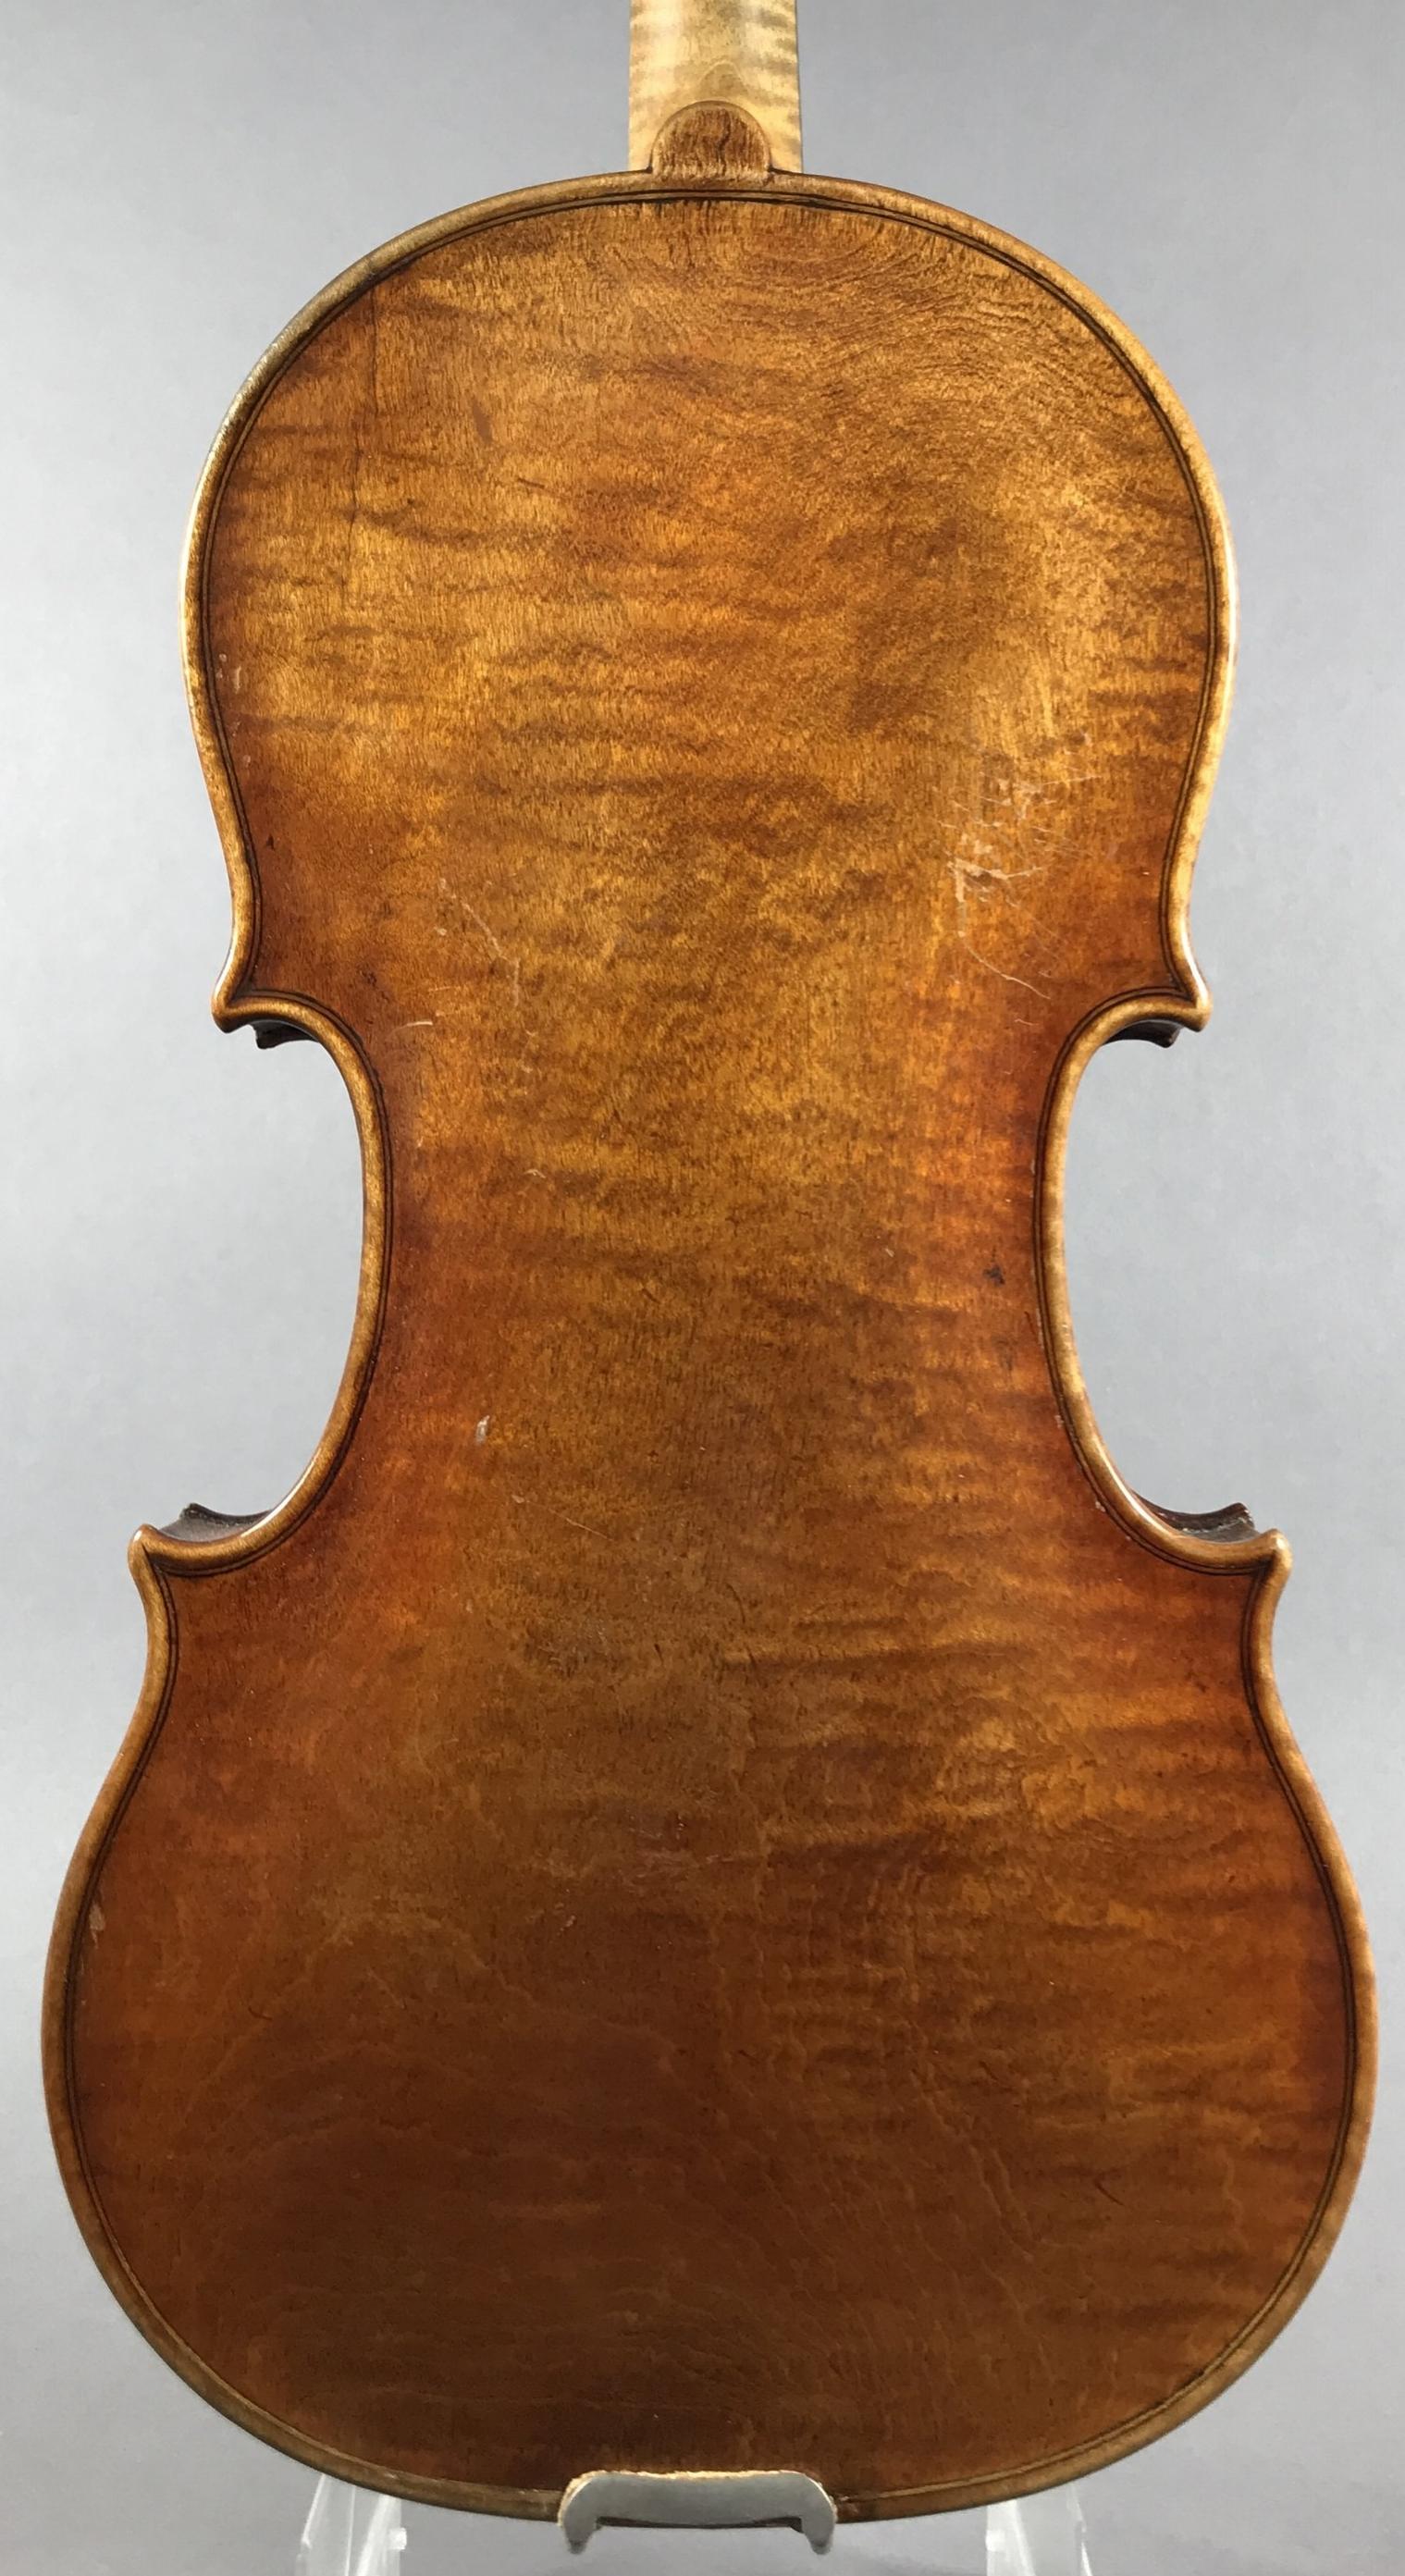 6197 - Ernst Heinrich Roth, Markneukirchen 1923 (VR model branded)